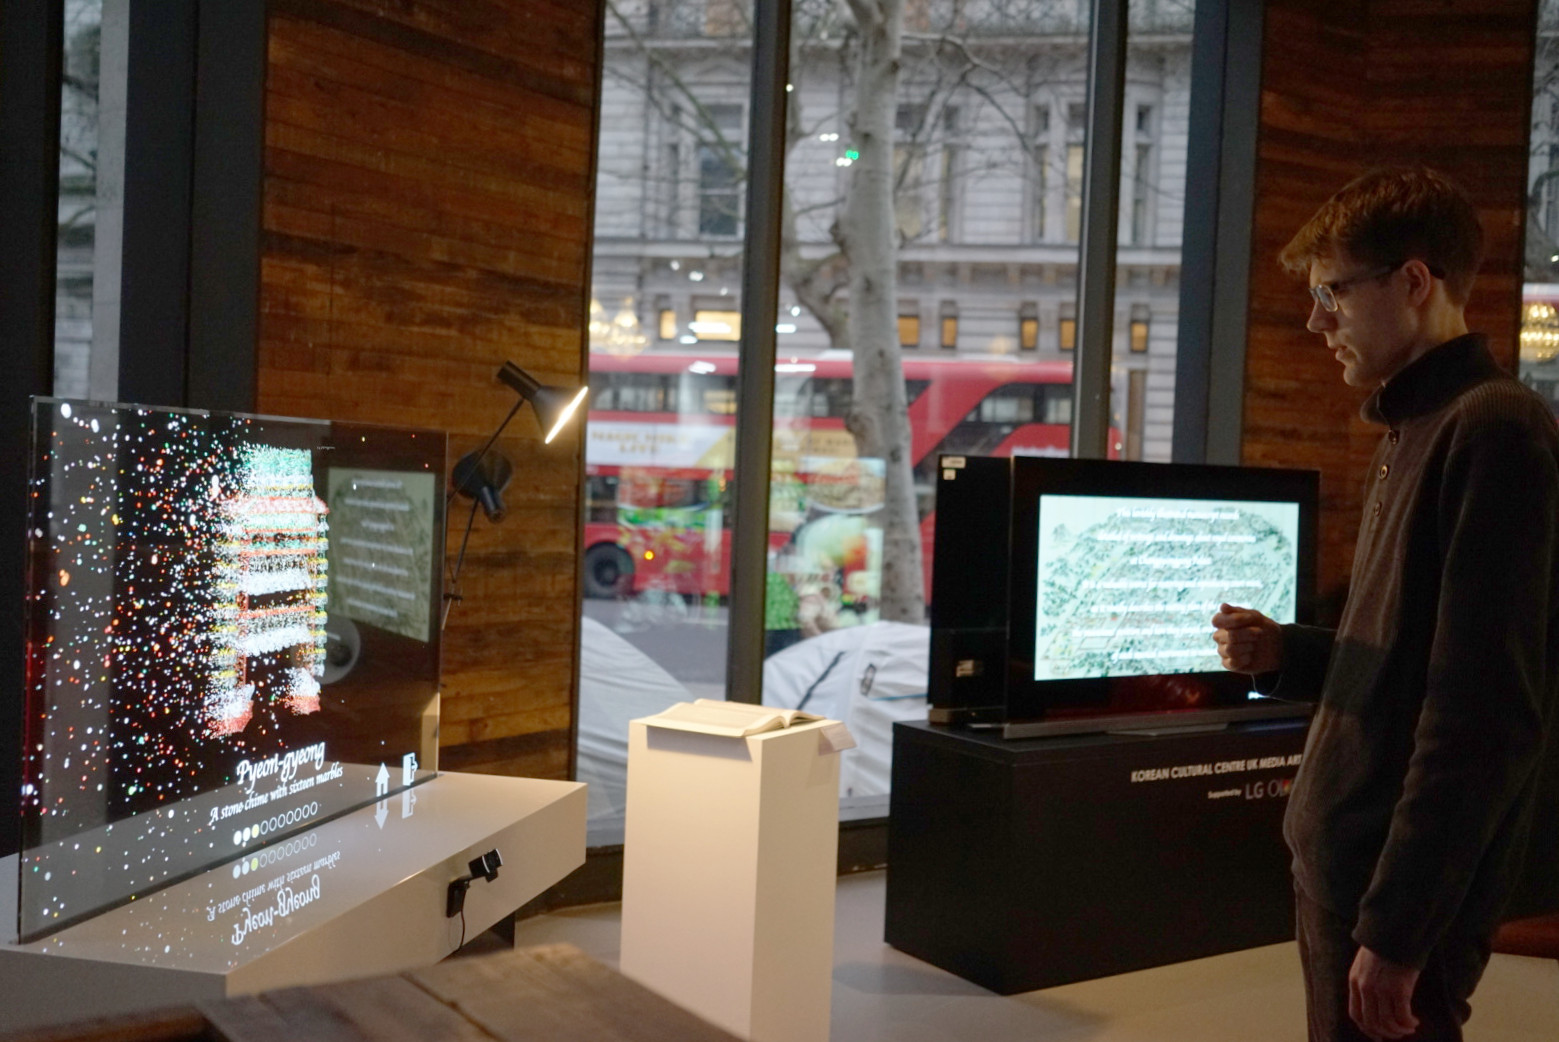 LG전자가 9일부터 22일까지 영국 런던 주영한국문화원에서 열리는 「기사진표리진찬의궤 미디어 쇼케이스」에 참여해 조선시대 문화재를 널리 알리고 있다. 관람객들이 AR(증강현실) 제스처 인식기술과 소리 시각화 기법이 적용된 투명 올레드 사이니지를 통해 '기사진표리진찬의궤'를 감상하고 있다.